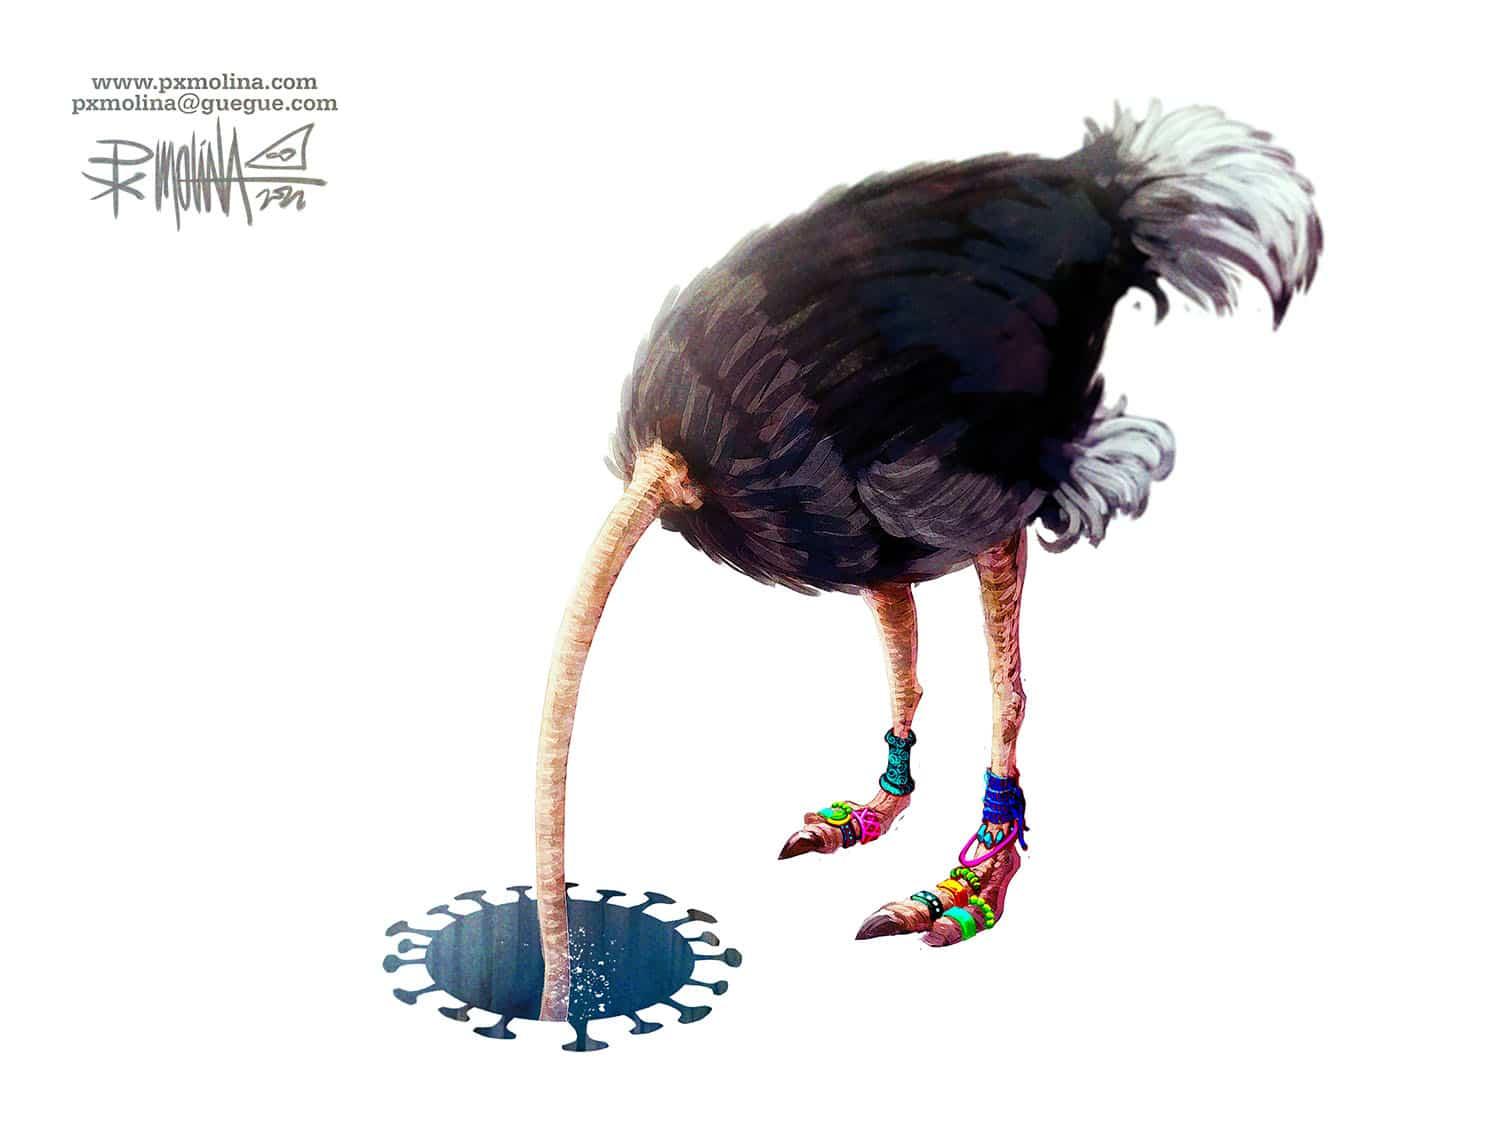 Caricatura del día |  La dictadura y el cuello de avestruz